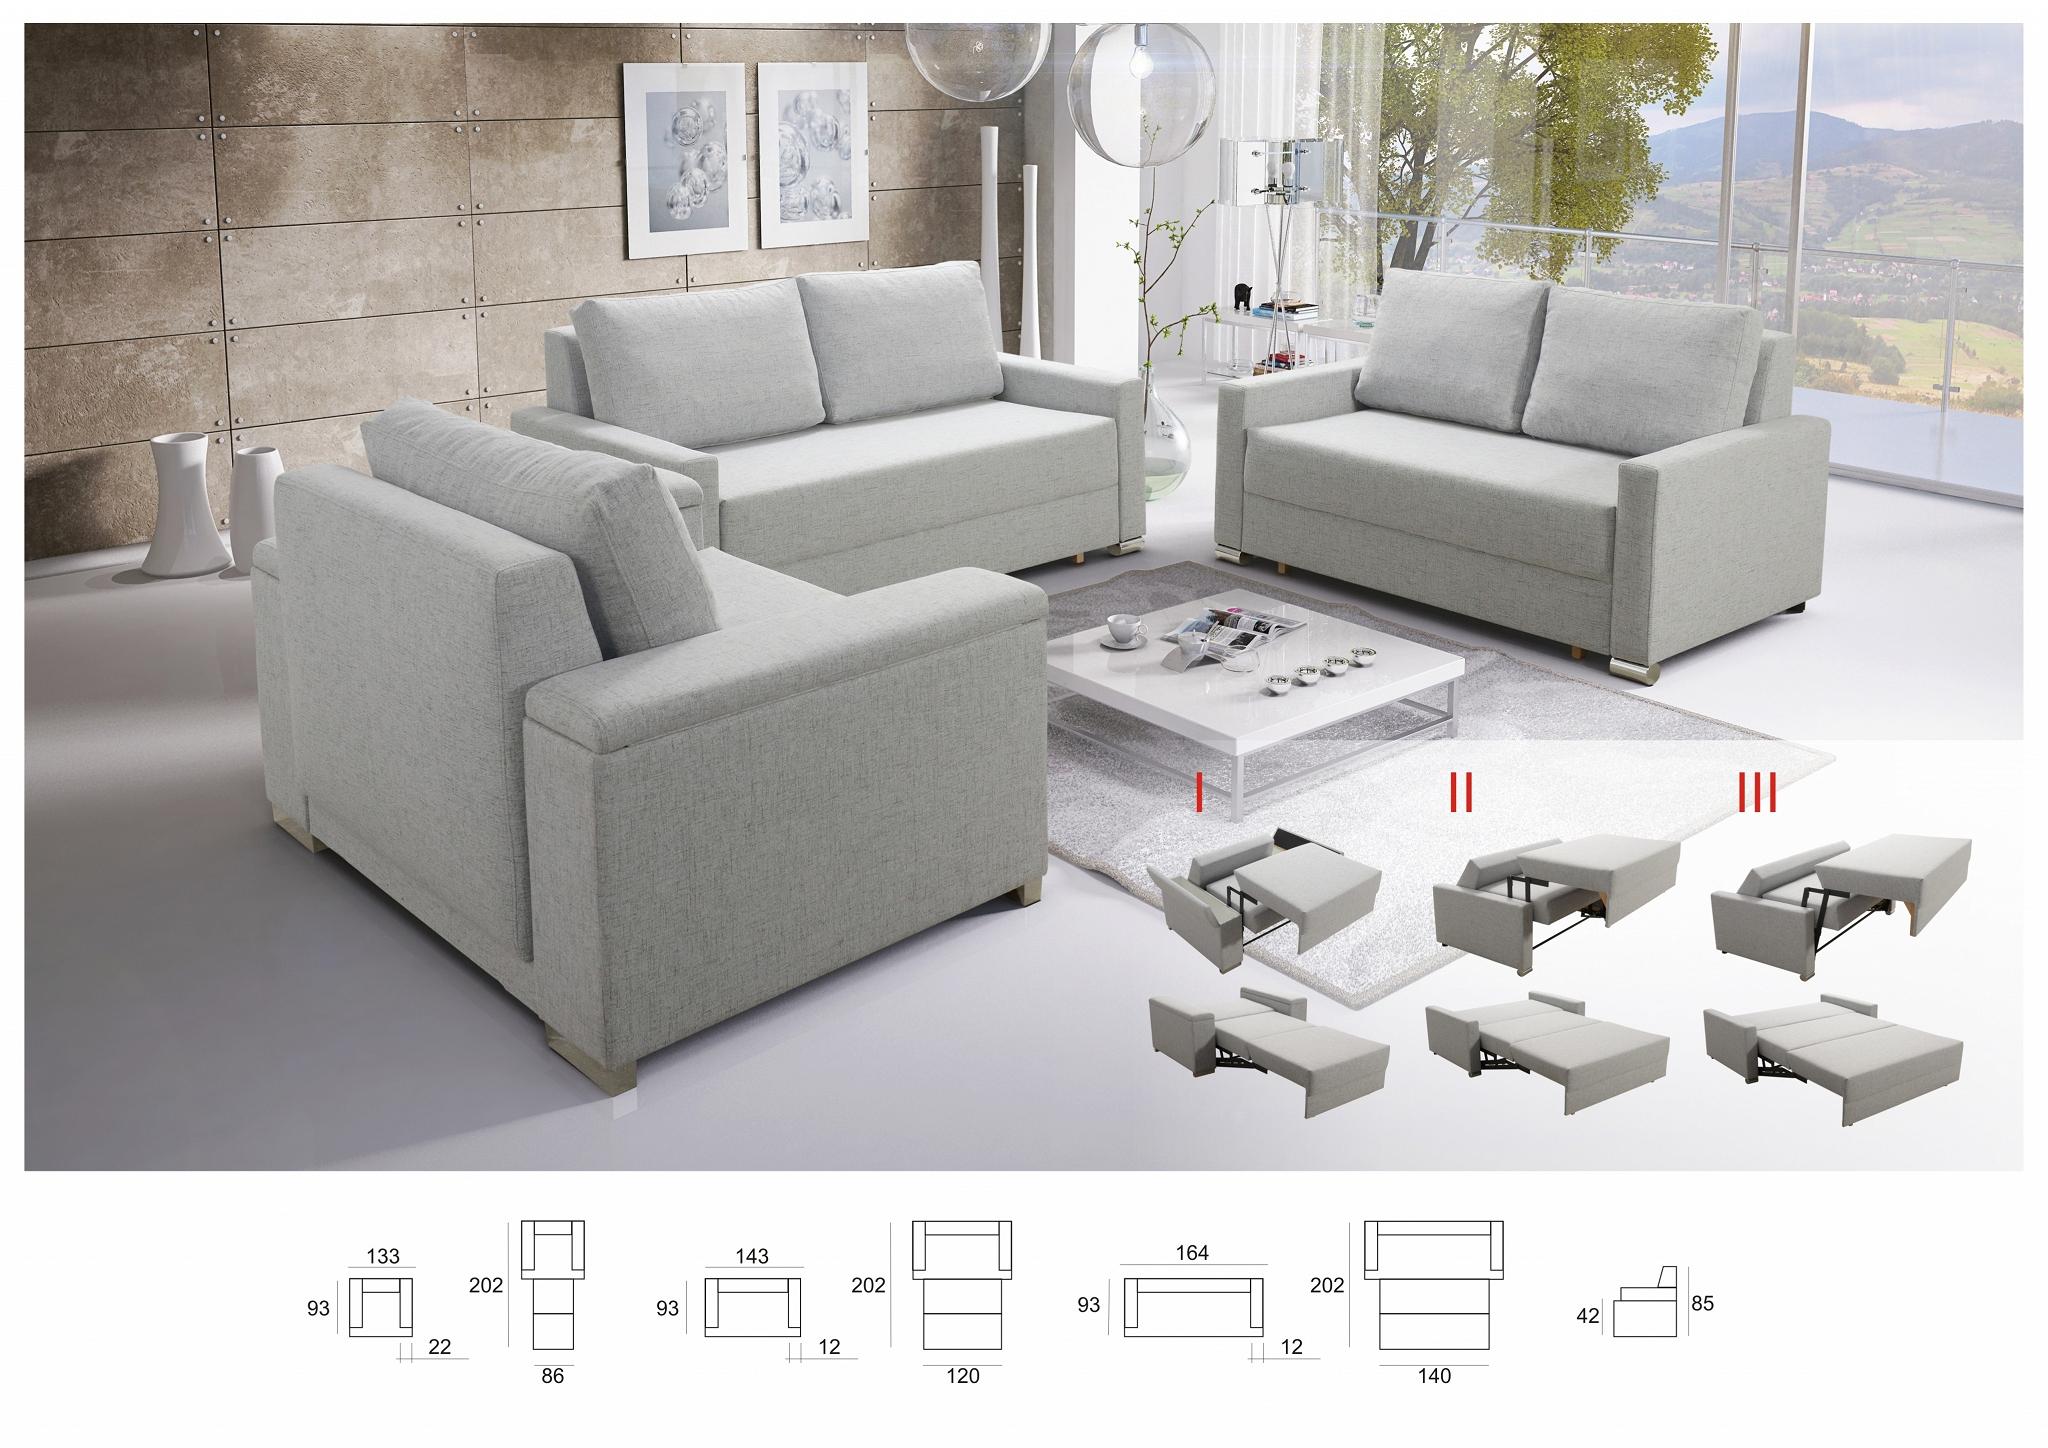 Full Size of Sofa Set 3 2 1 Buffalo Mit Schlaffunktion Couchgarnitur Couch Hocker Leder Tom Tailor Englisch Schlafzimmer Matratze Und Lattenrost Schlafsofa Liegefläche Sofa Sofa Mit Bettfunktion